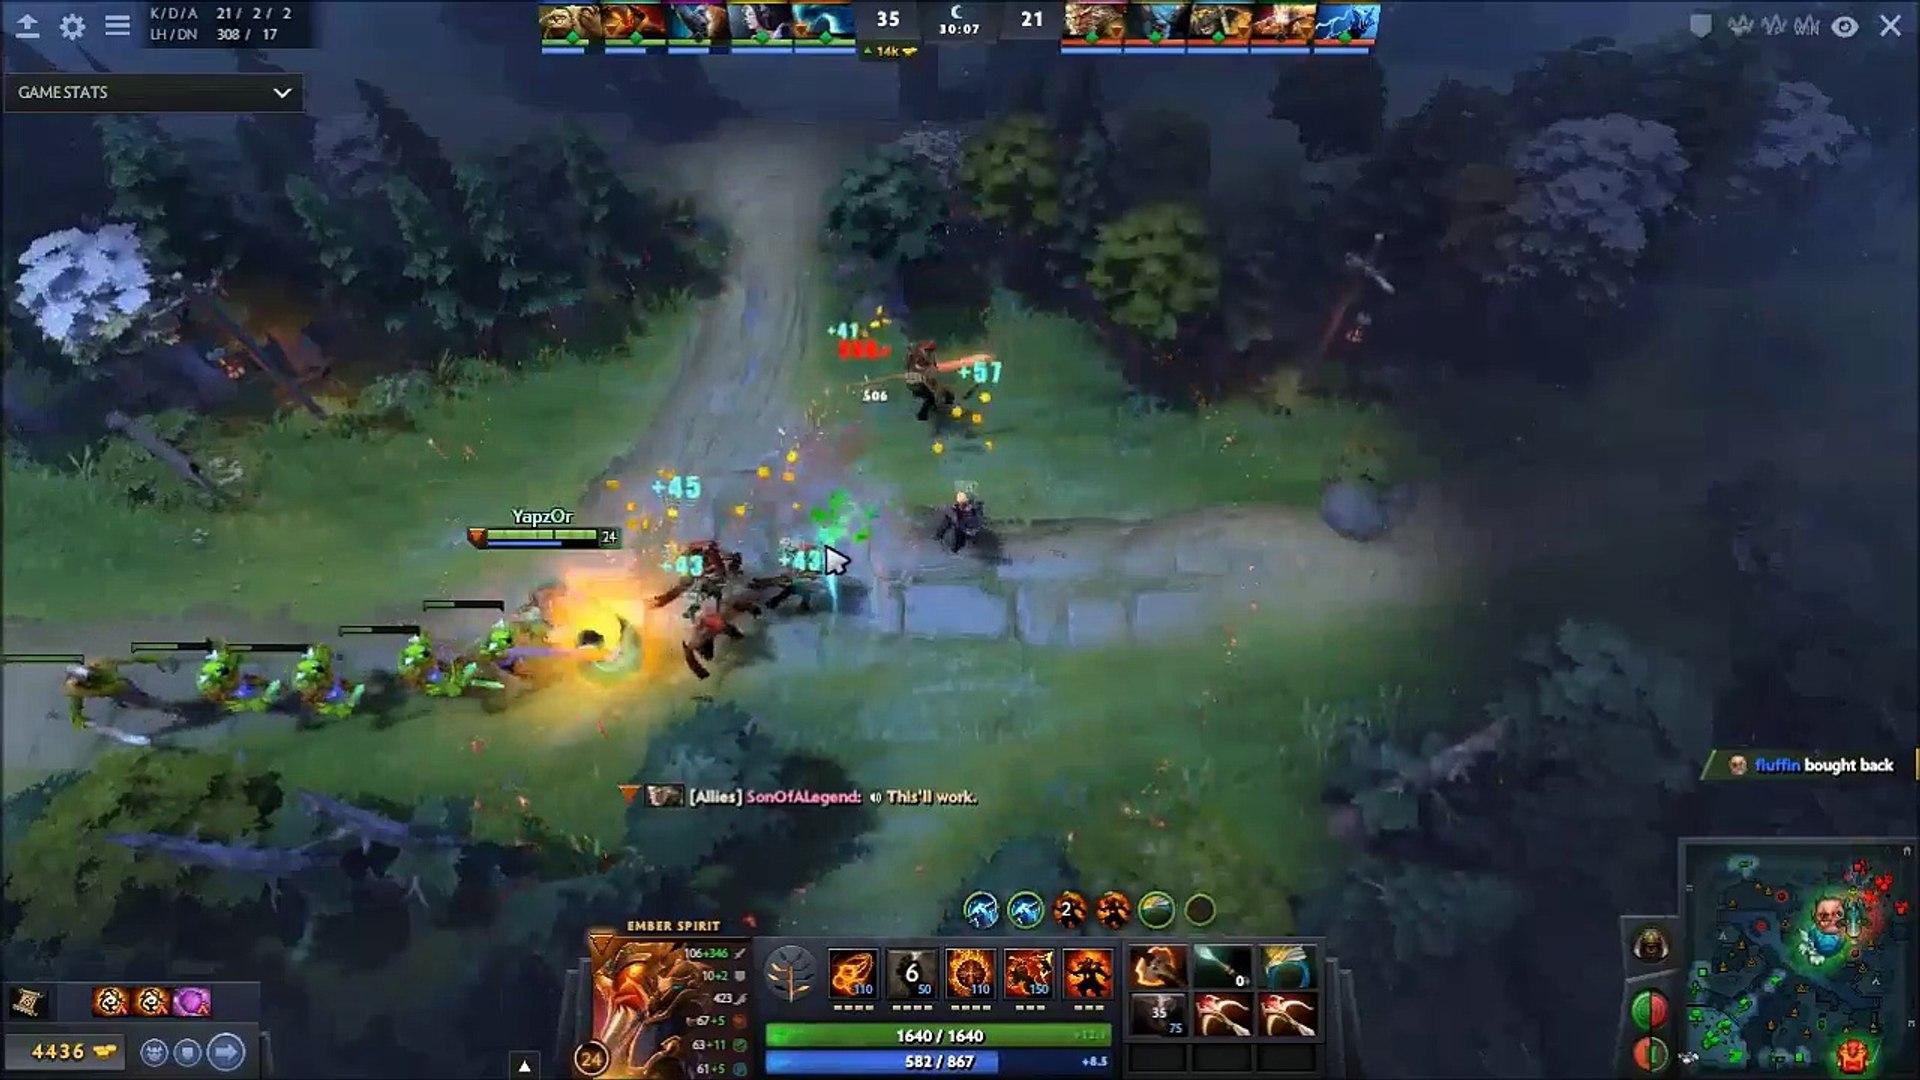 Secret Yapzor Pro Rampage Ember Spirit Old Ember Spirit Meta Strikes Again Best Plays Dota 2